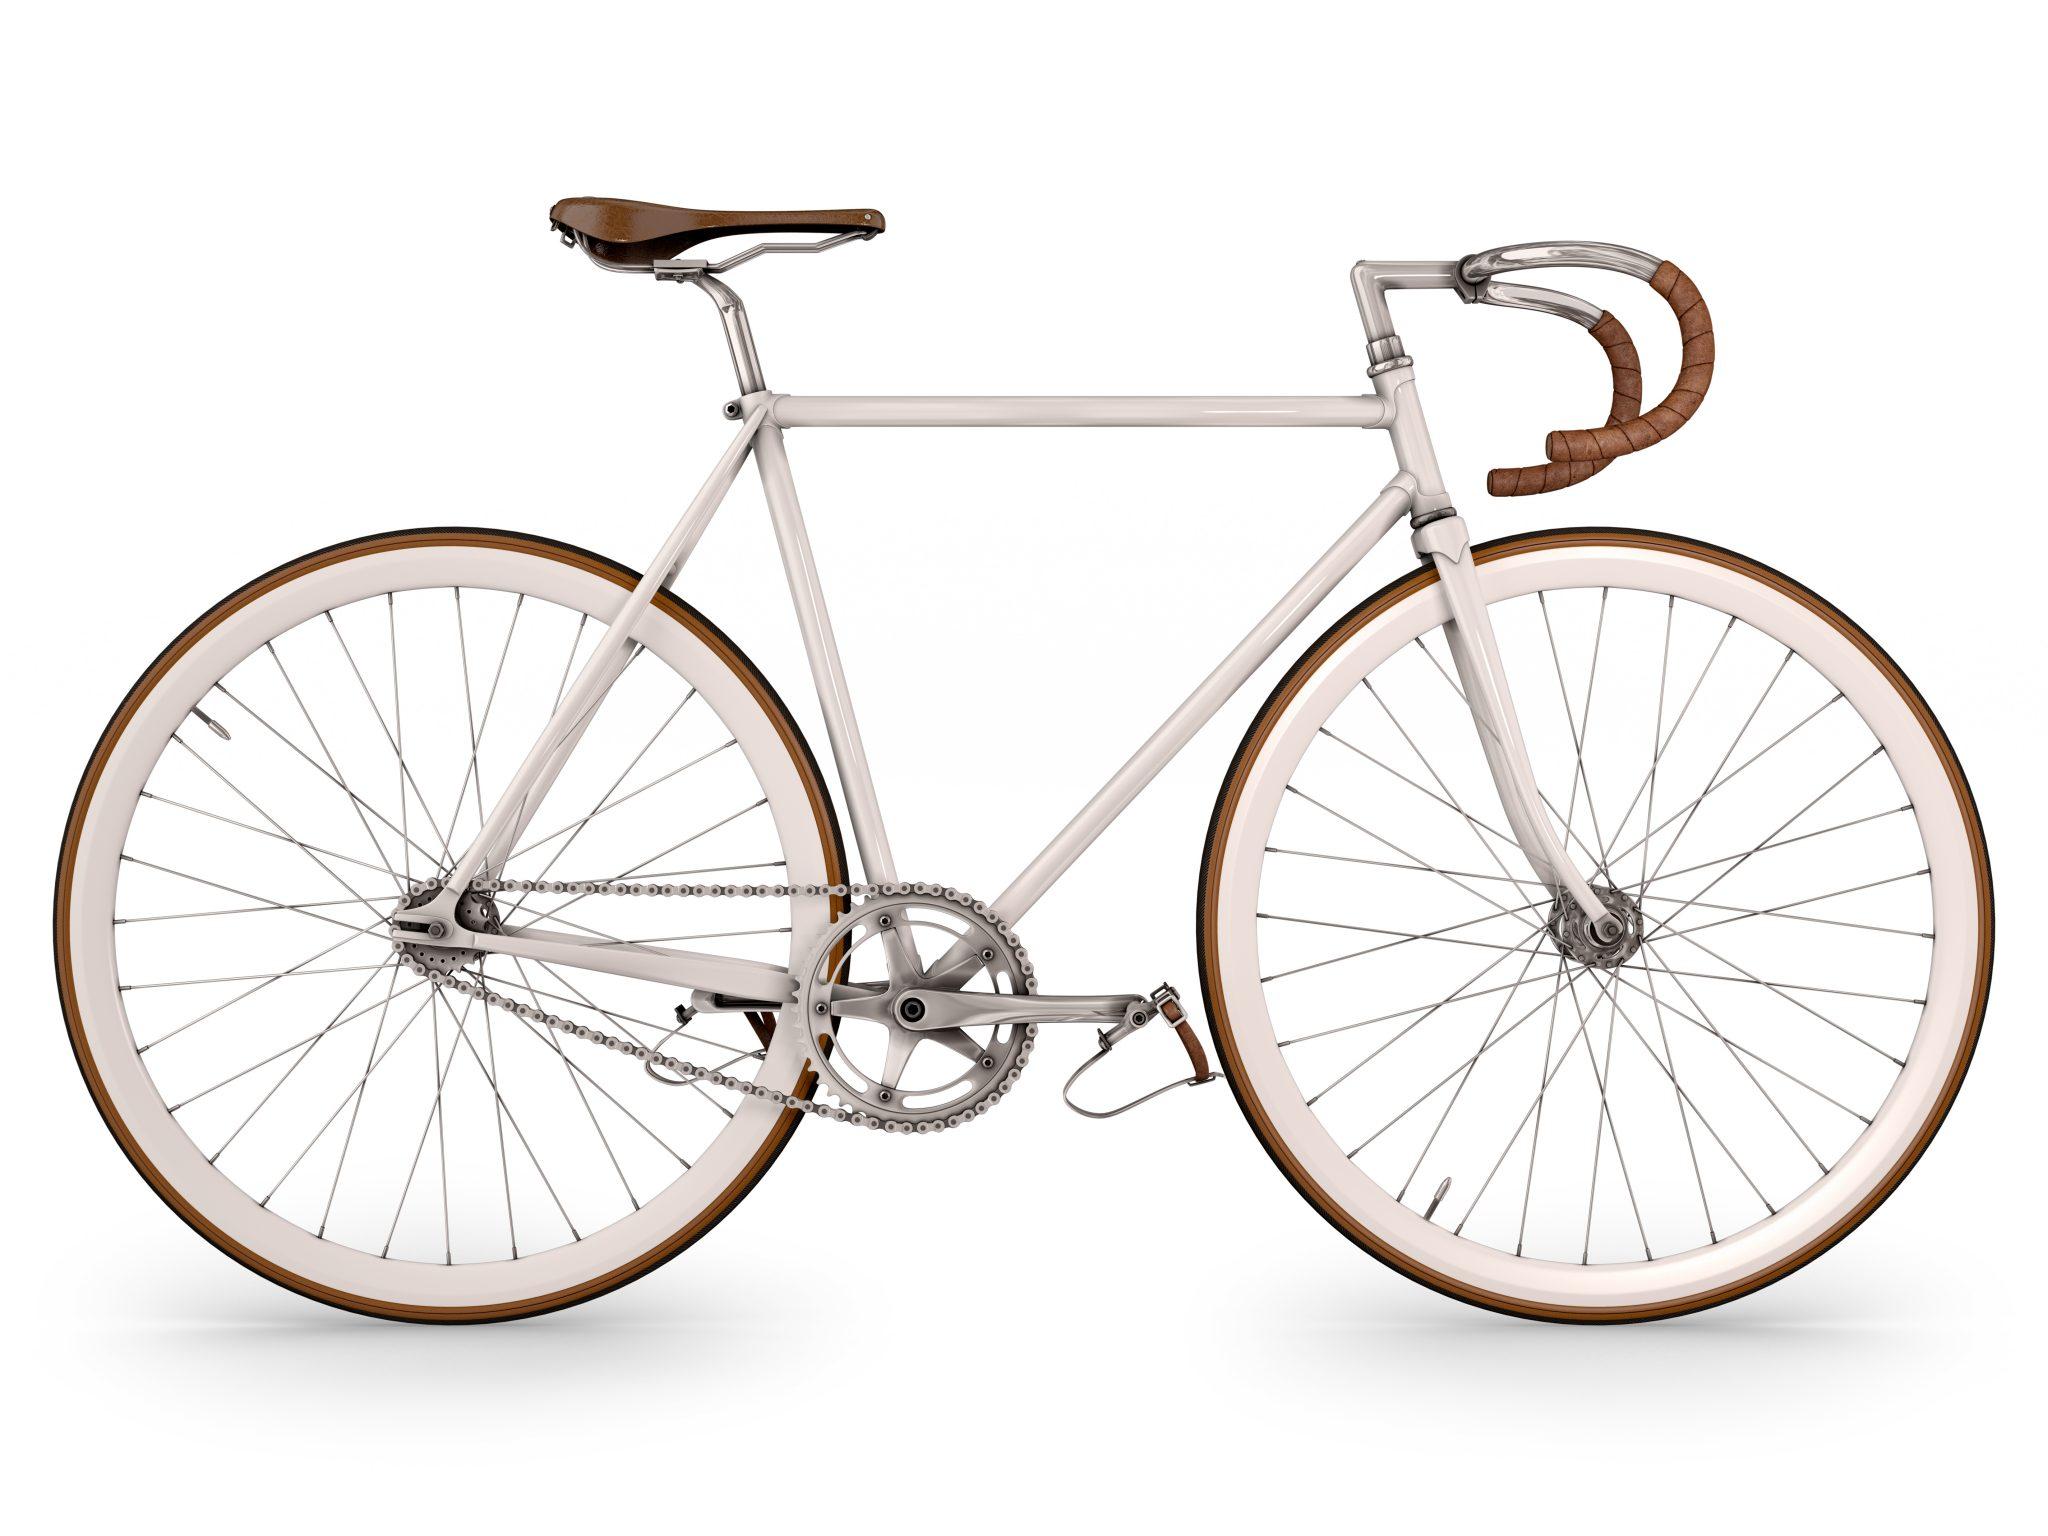 155 Fahrräder vom Typ Singlespeed Fixie gebraucht & neu